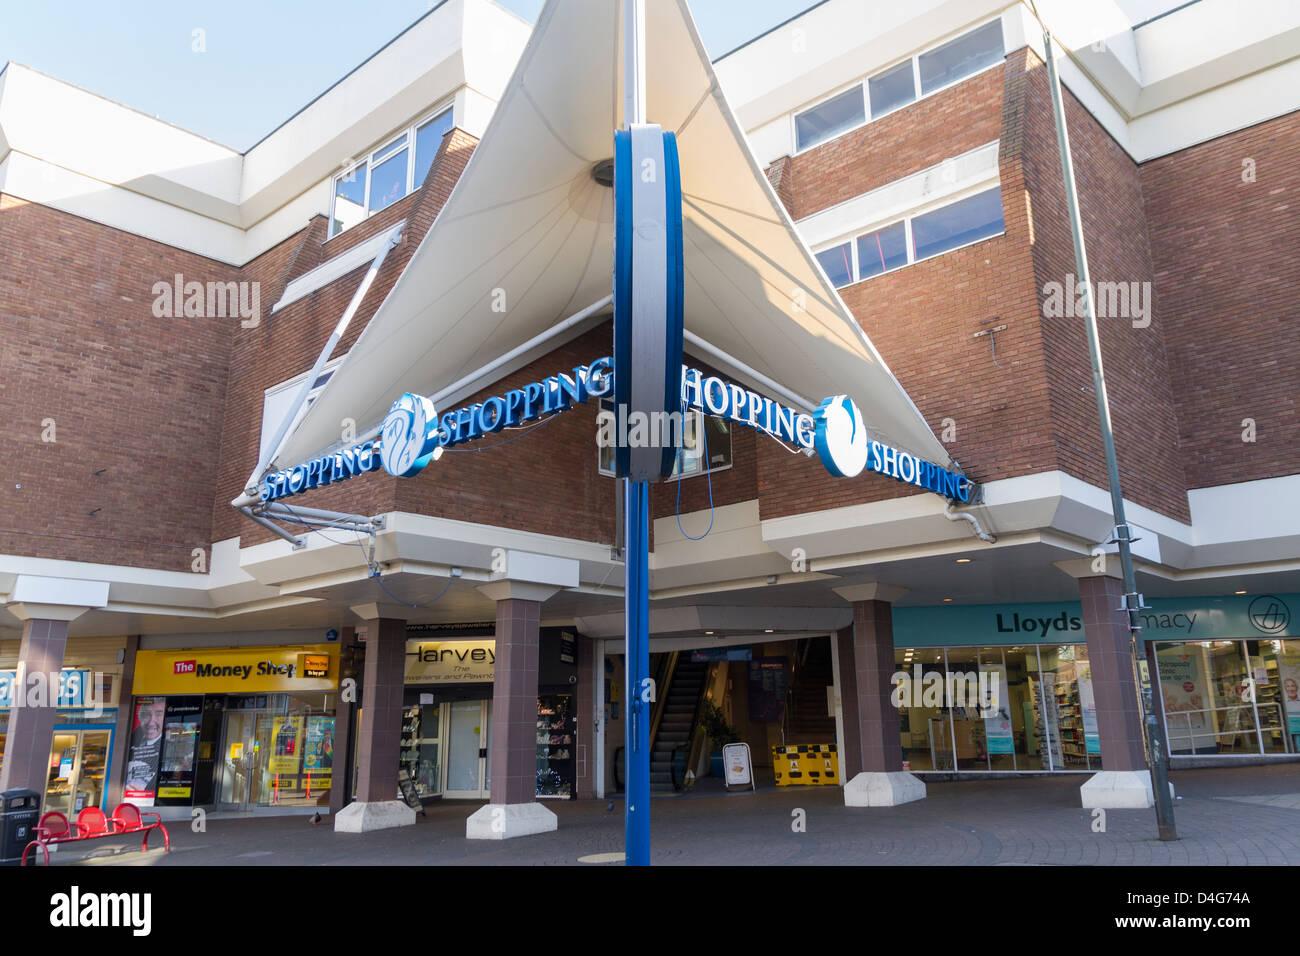 Kidderminster shopping centre - Stock Image